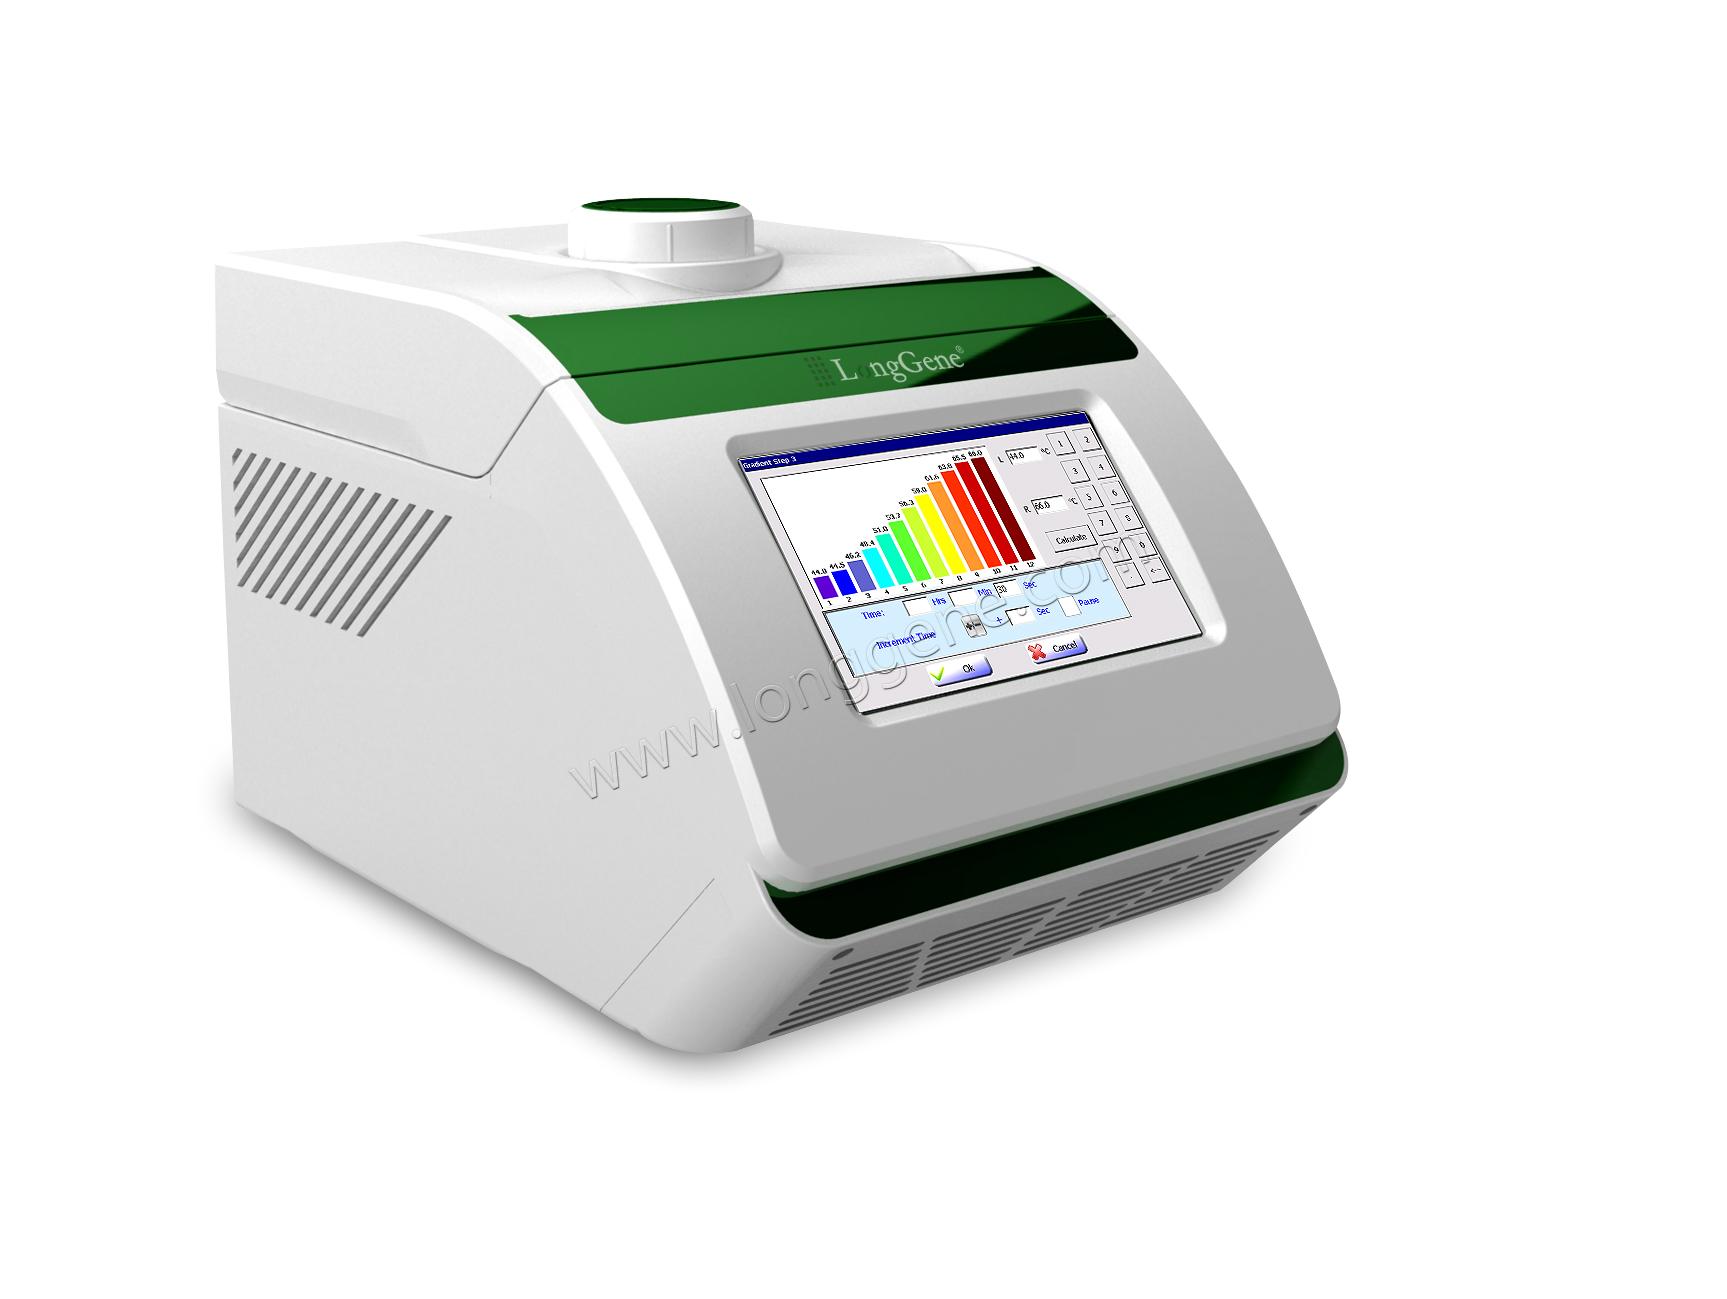 杭州朗基A300快速梯度PCR基因扩增仪